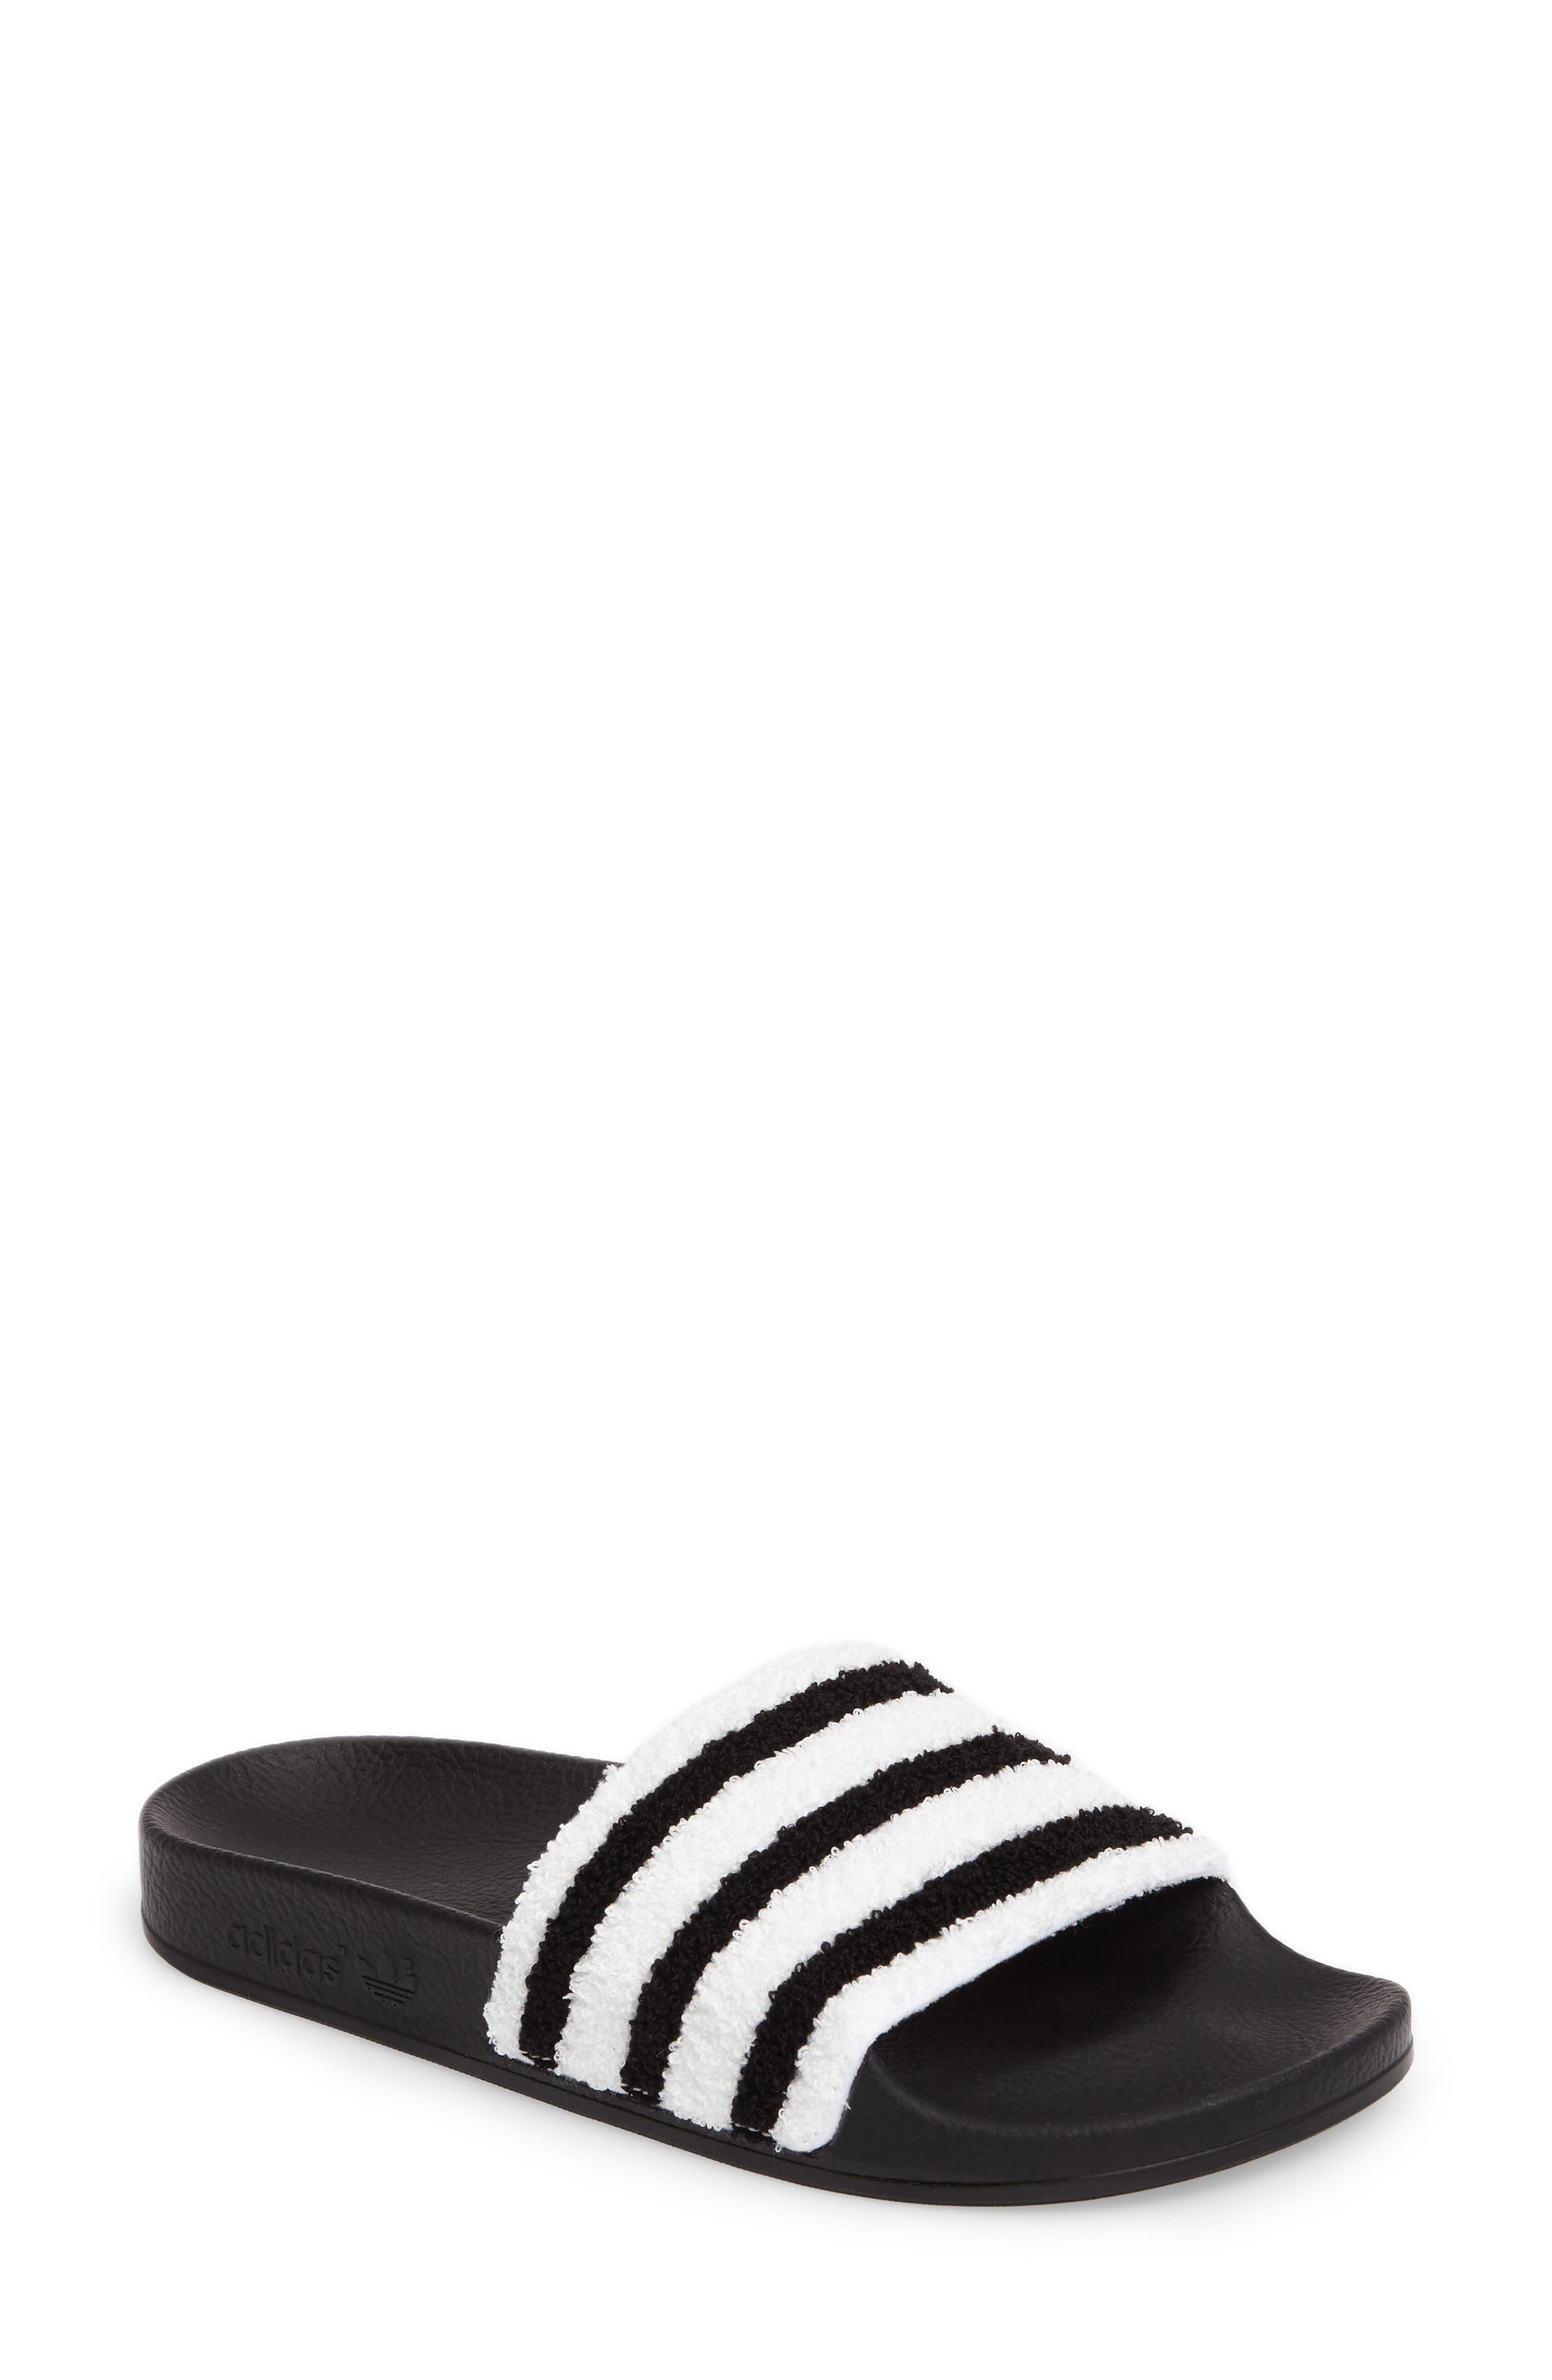 Adilette Slide Sandal, Main, color, 001